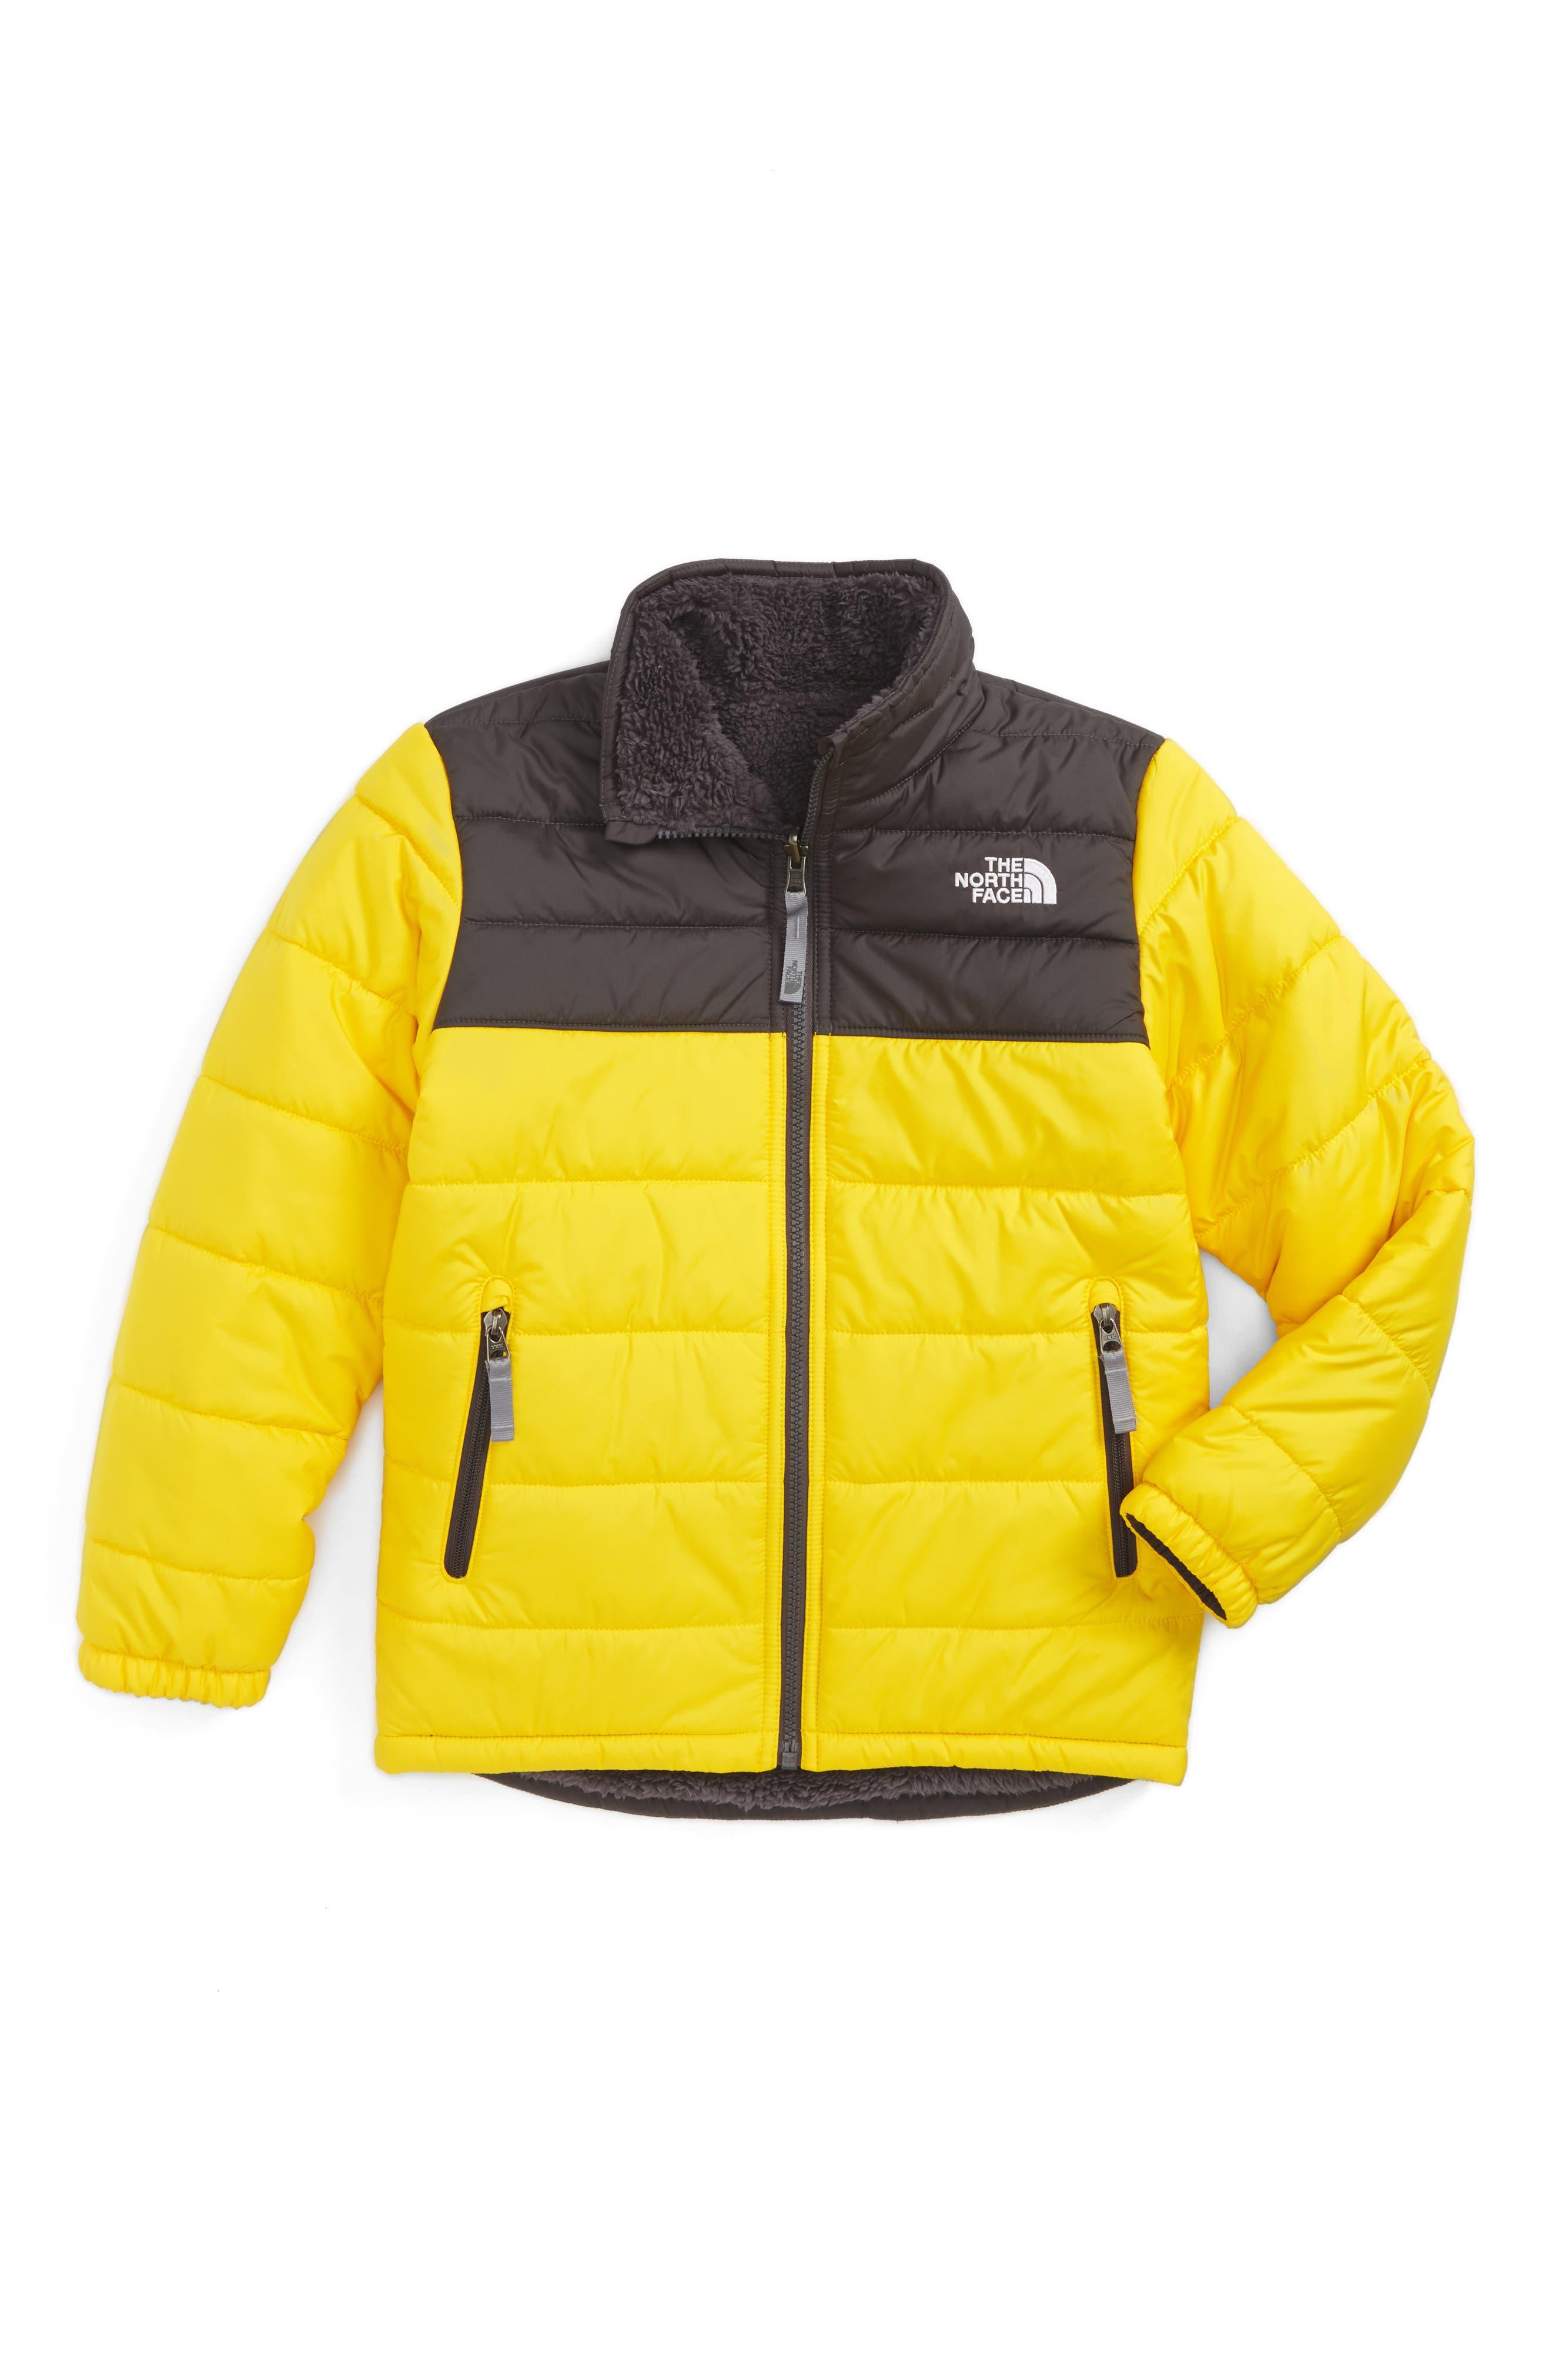 Main Image - The North Face Mount Chimborazo Reversible Jacket (Big Boys)